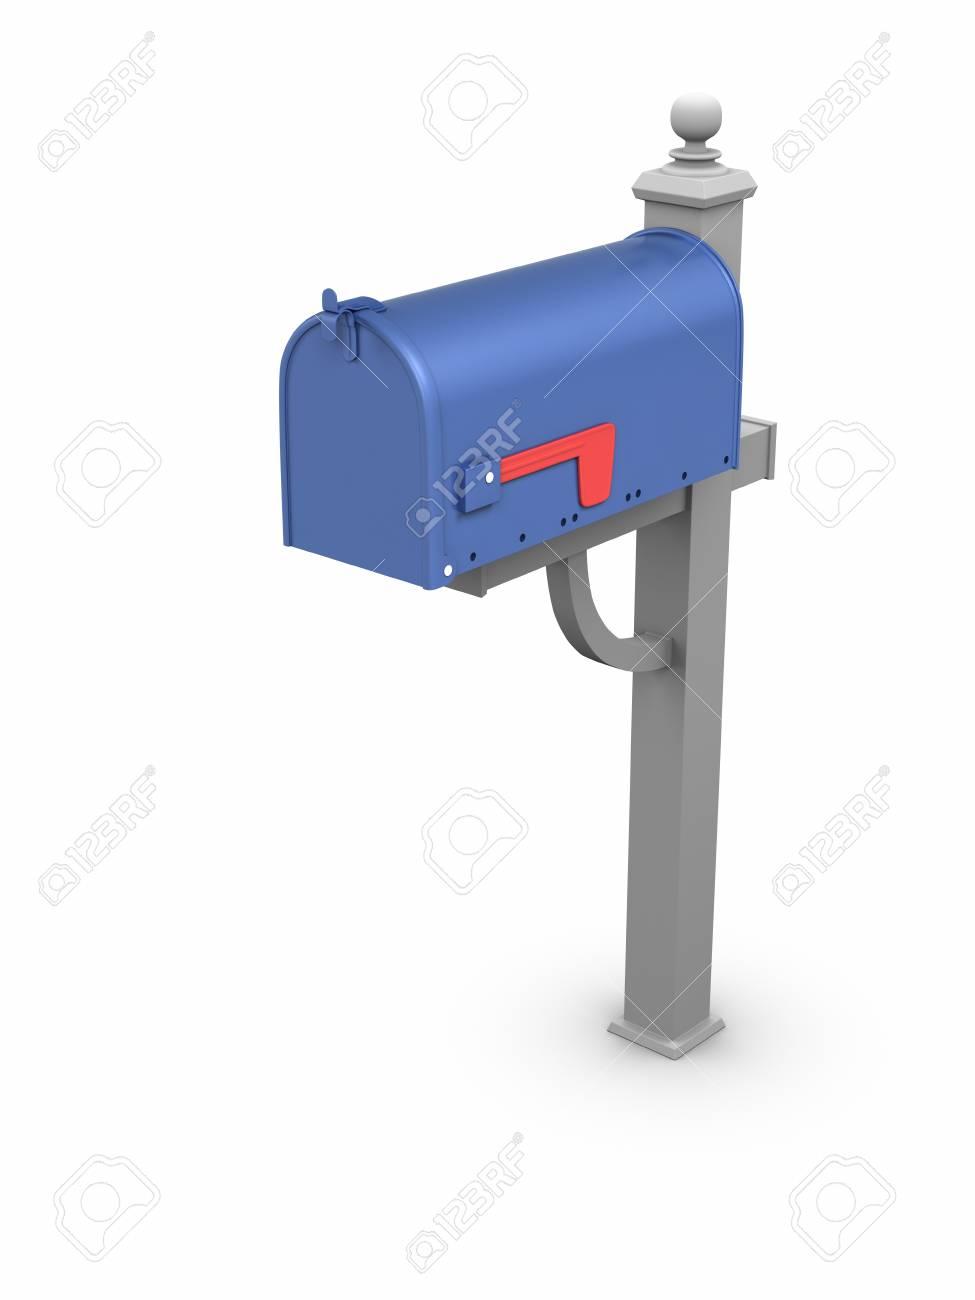 Mailbox. Stock Photo - 10033764